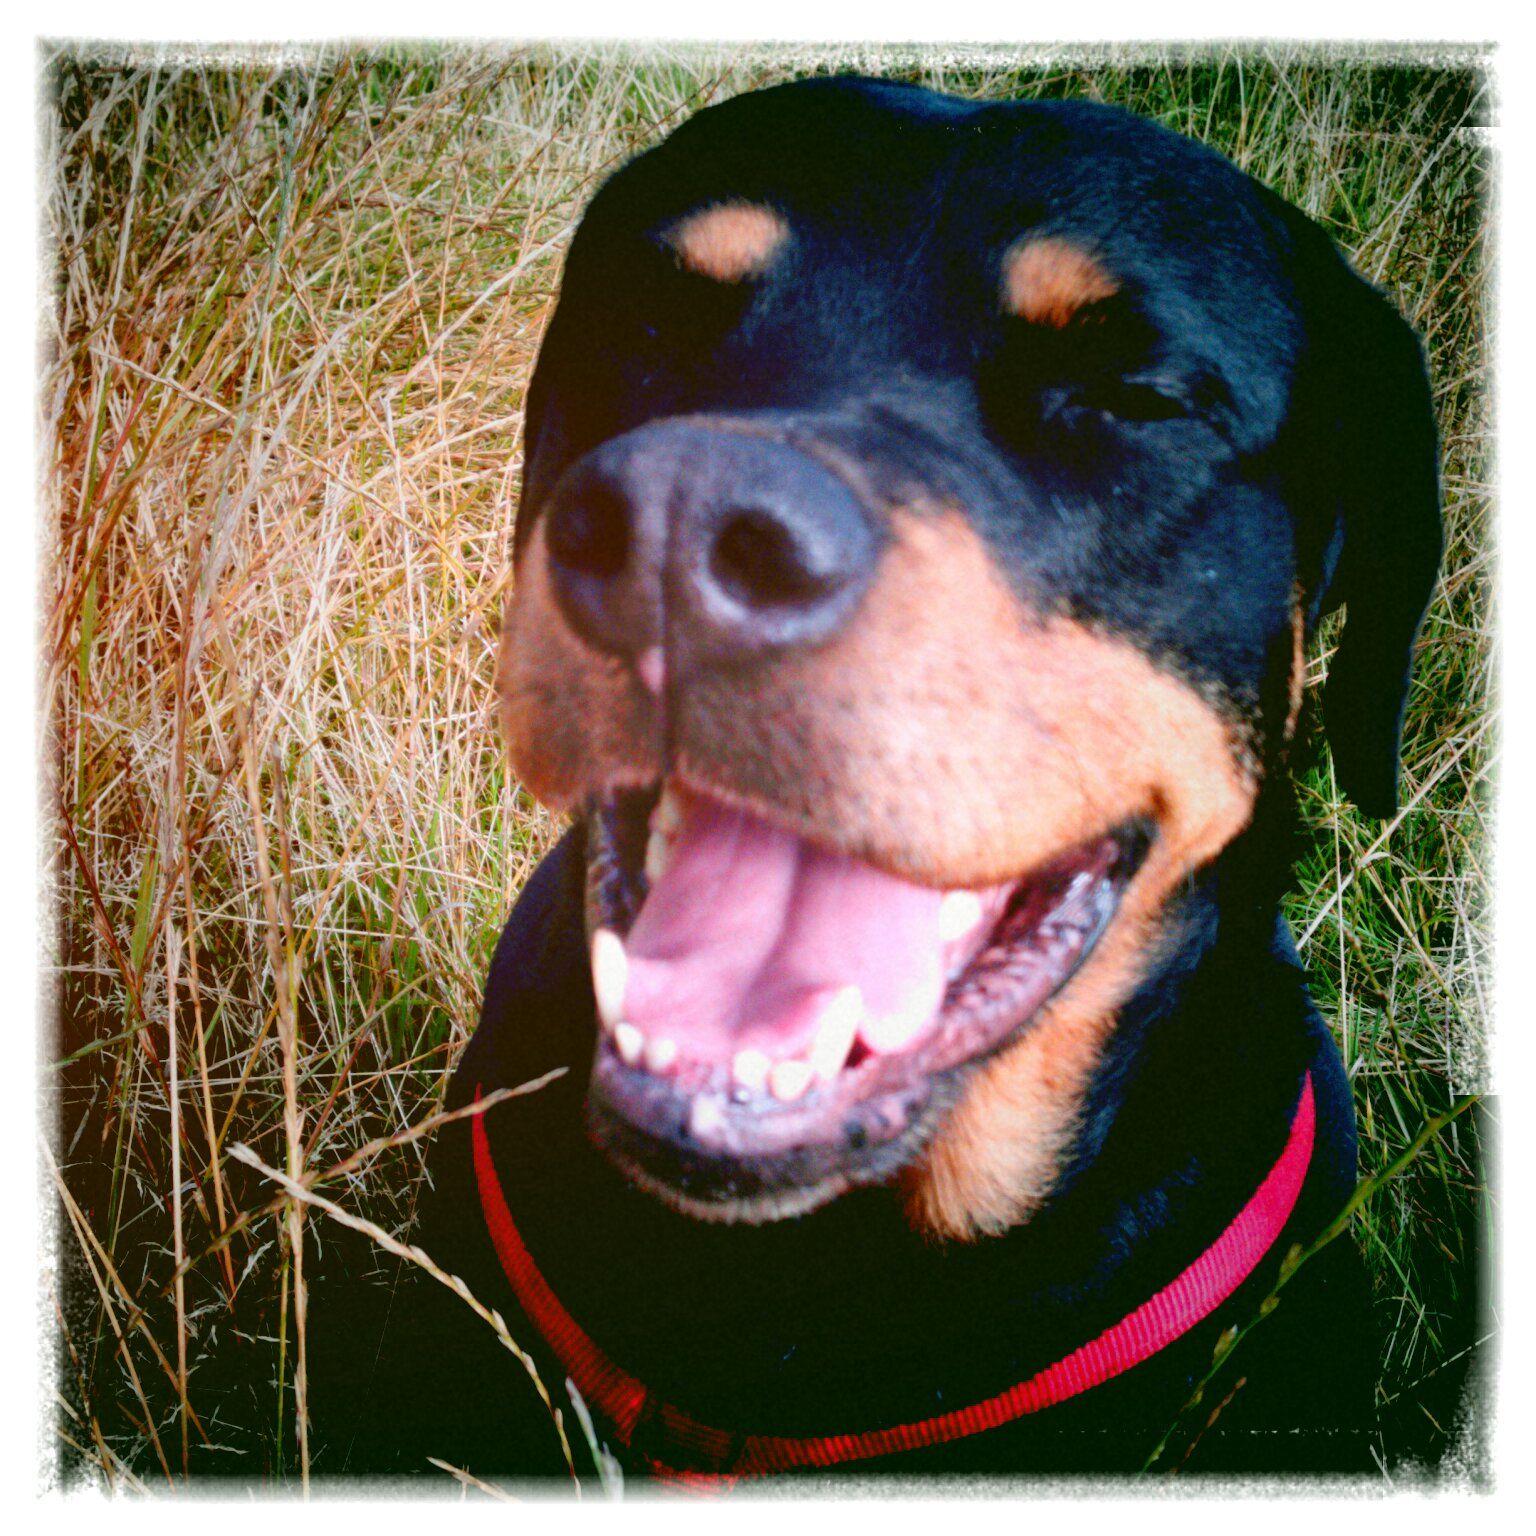 Lost my teeth, still grinning!